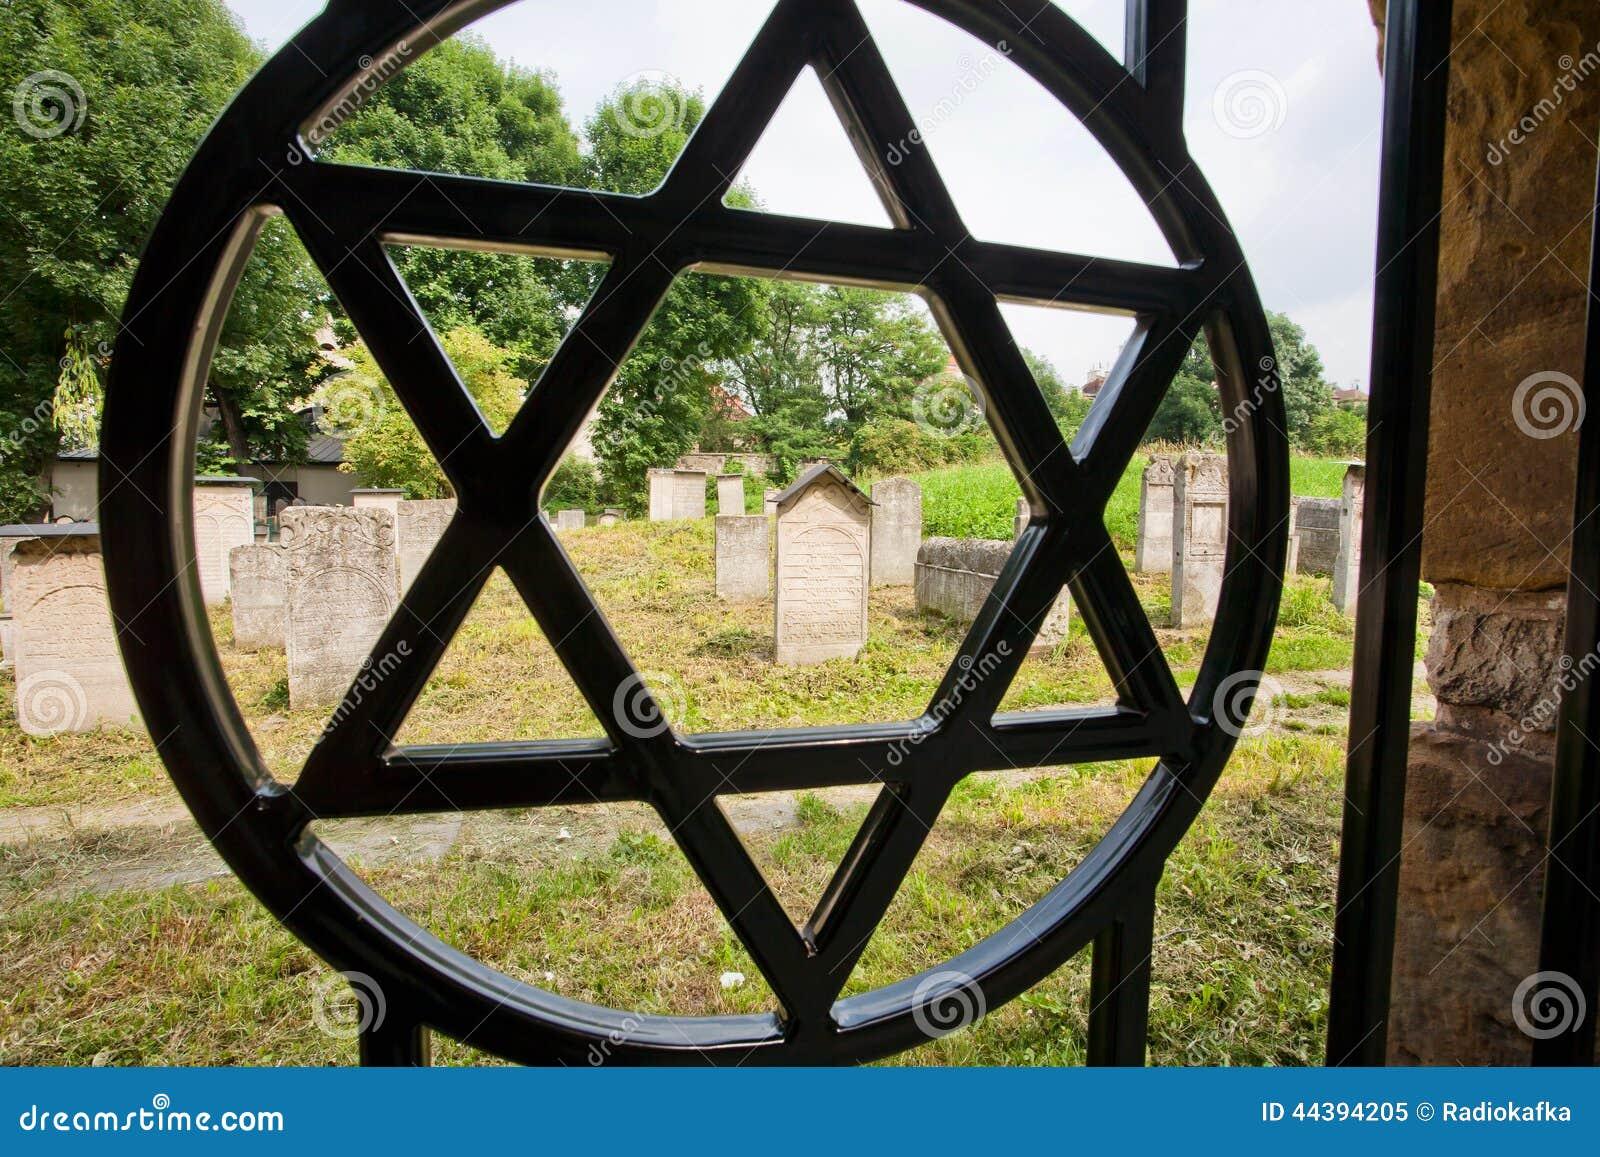 Simbol della stella di Davide sul recinto di vecchio cimitero ebreo nella città polacca